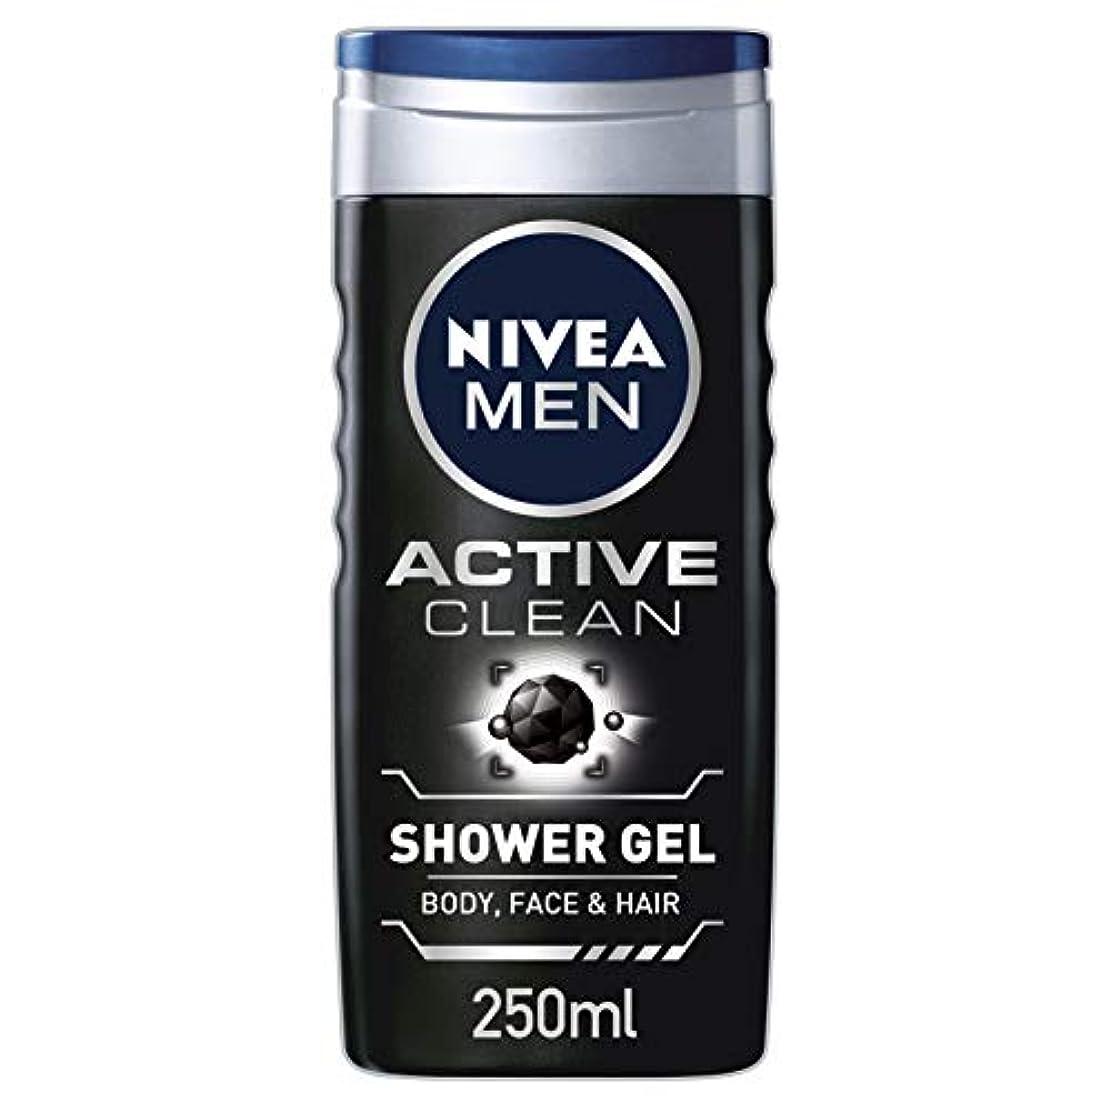 ヘルシー無効畝間Nivea Men Active Clean Shower Gel 250ml